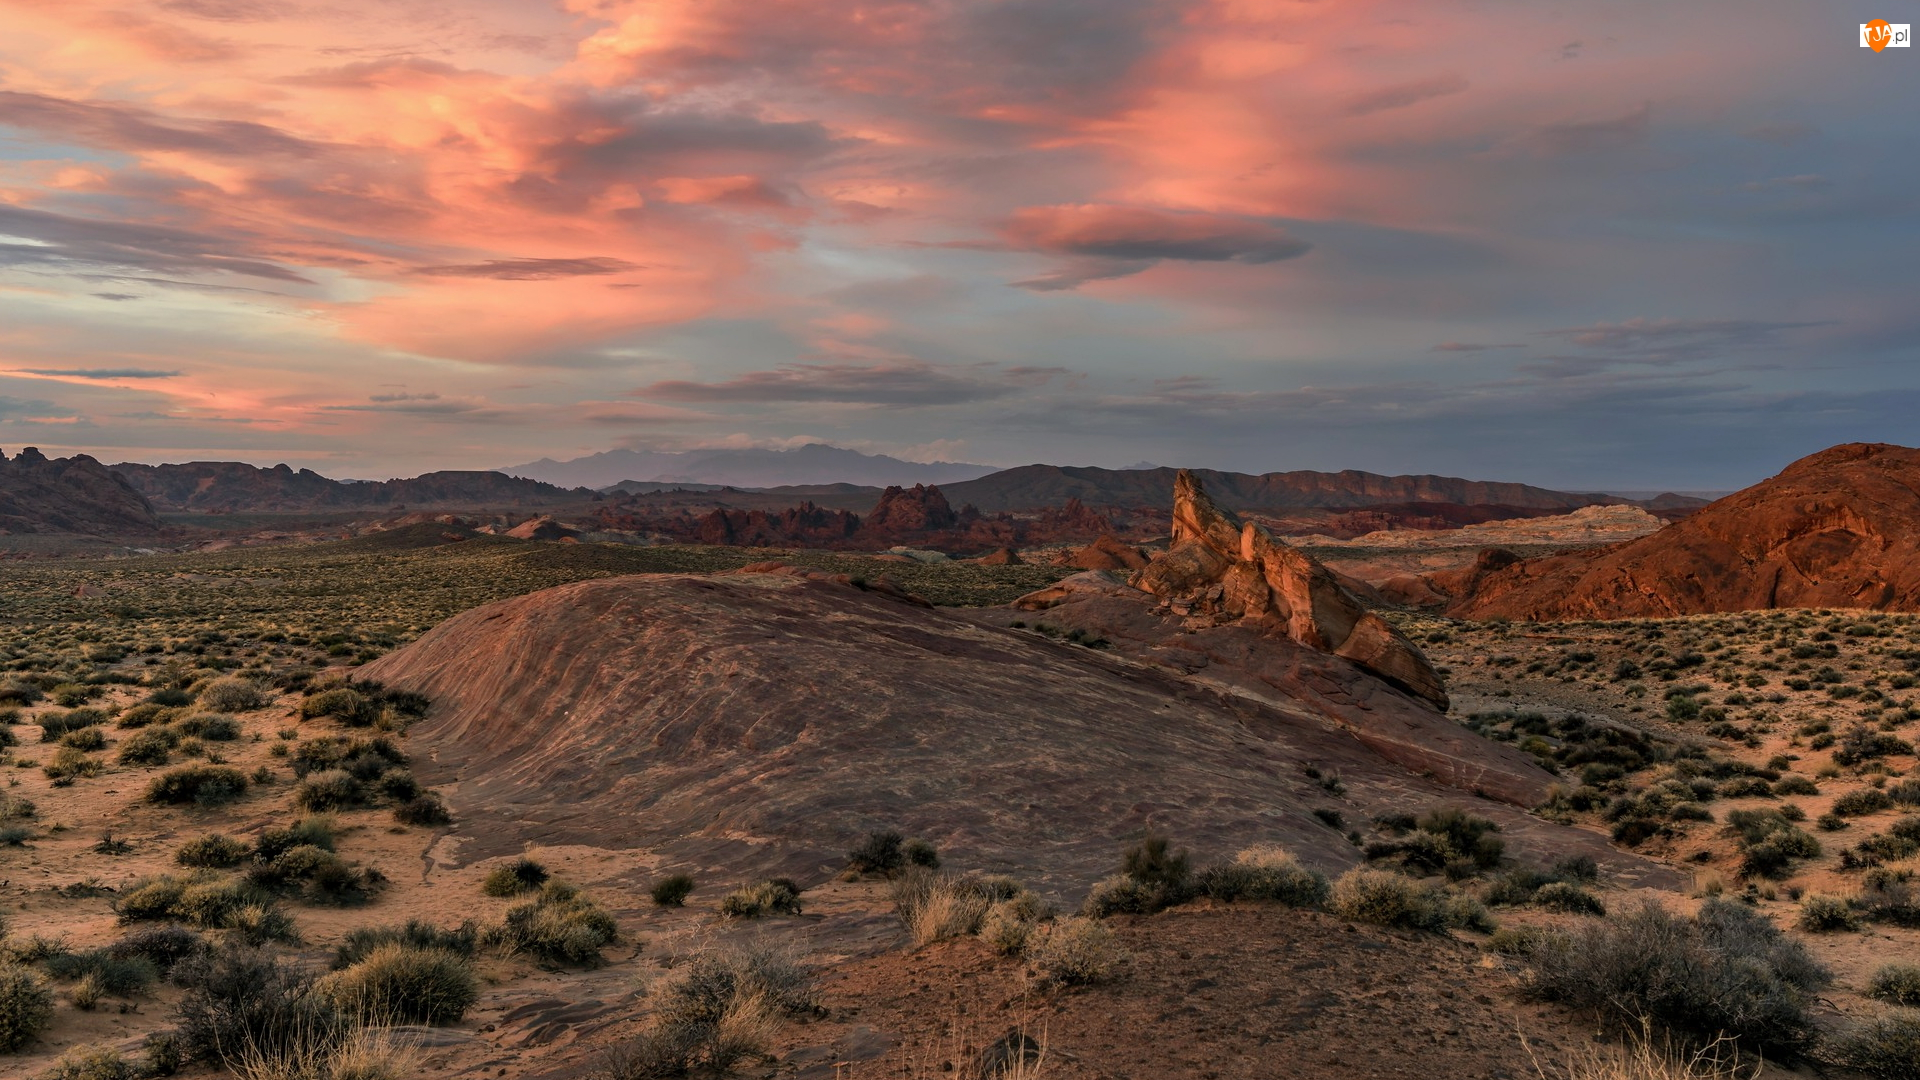 Dolina Ognia, Stany Zjednoczone, Park stanowy Valley of Fire, Skały, Nevada